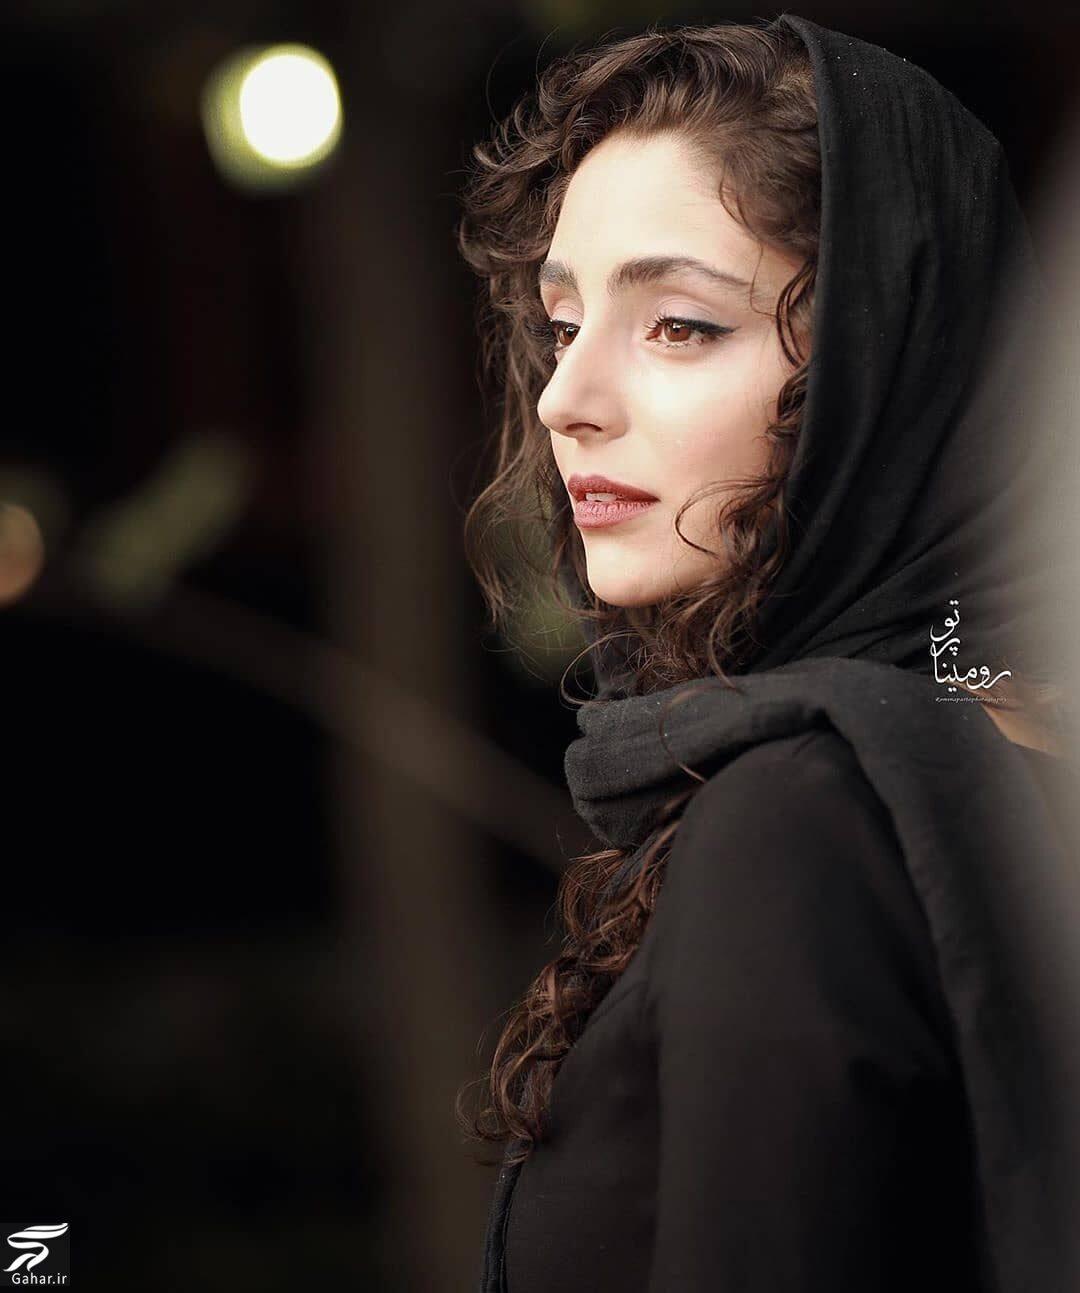 عکس های بازیگران زن در نمایشگاه عکس فیلم درخت گردو با تیپ های متفاوت, جدید 1400 -گهر